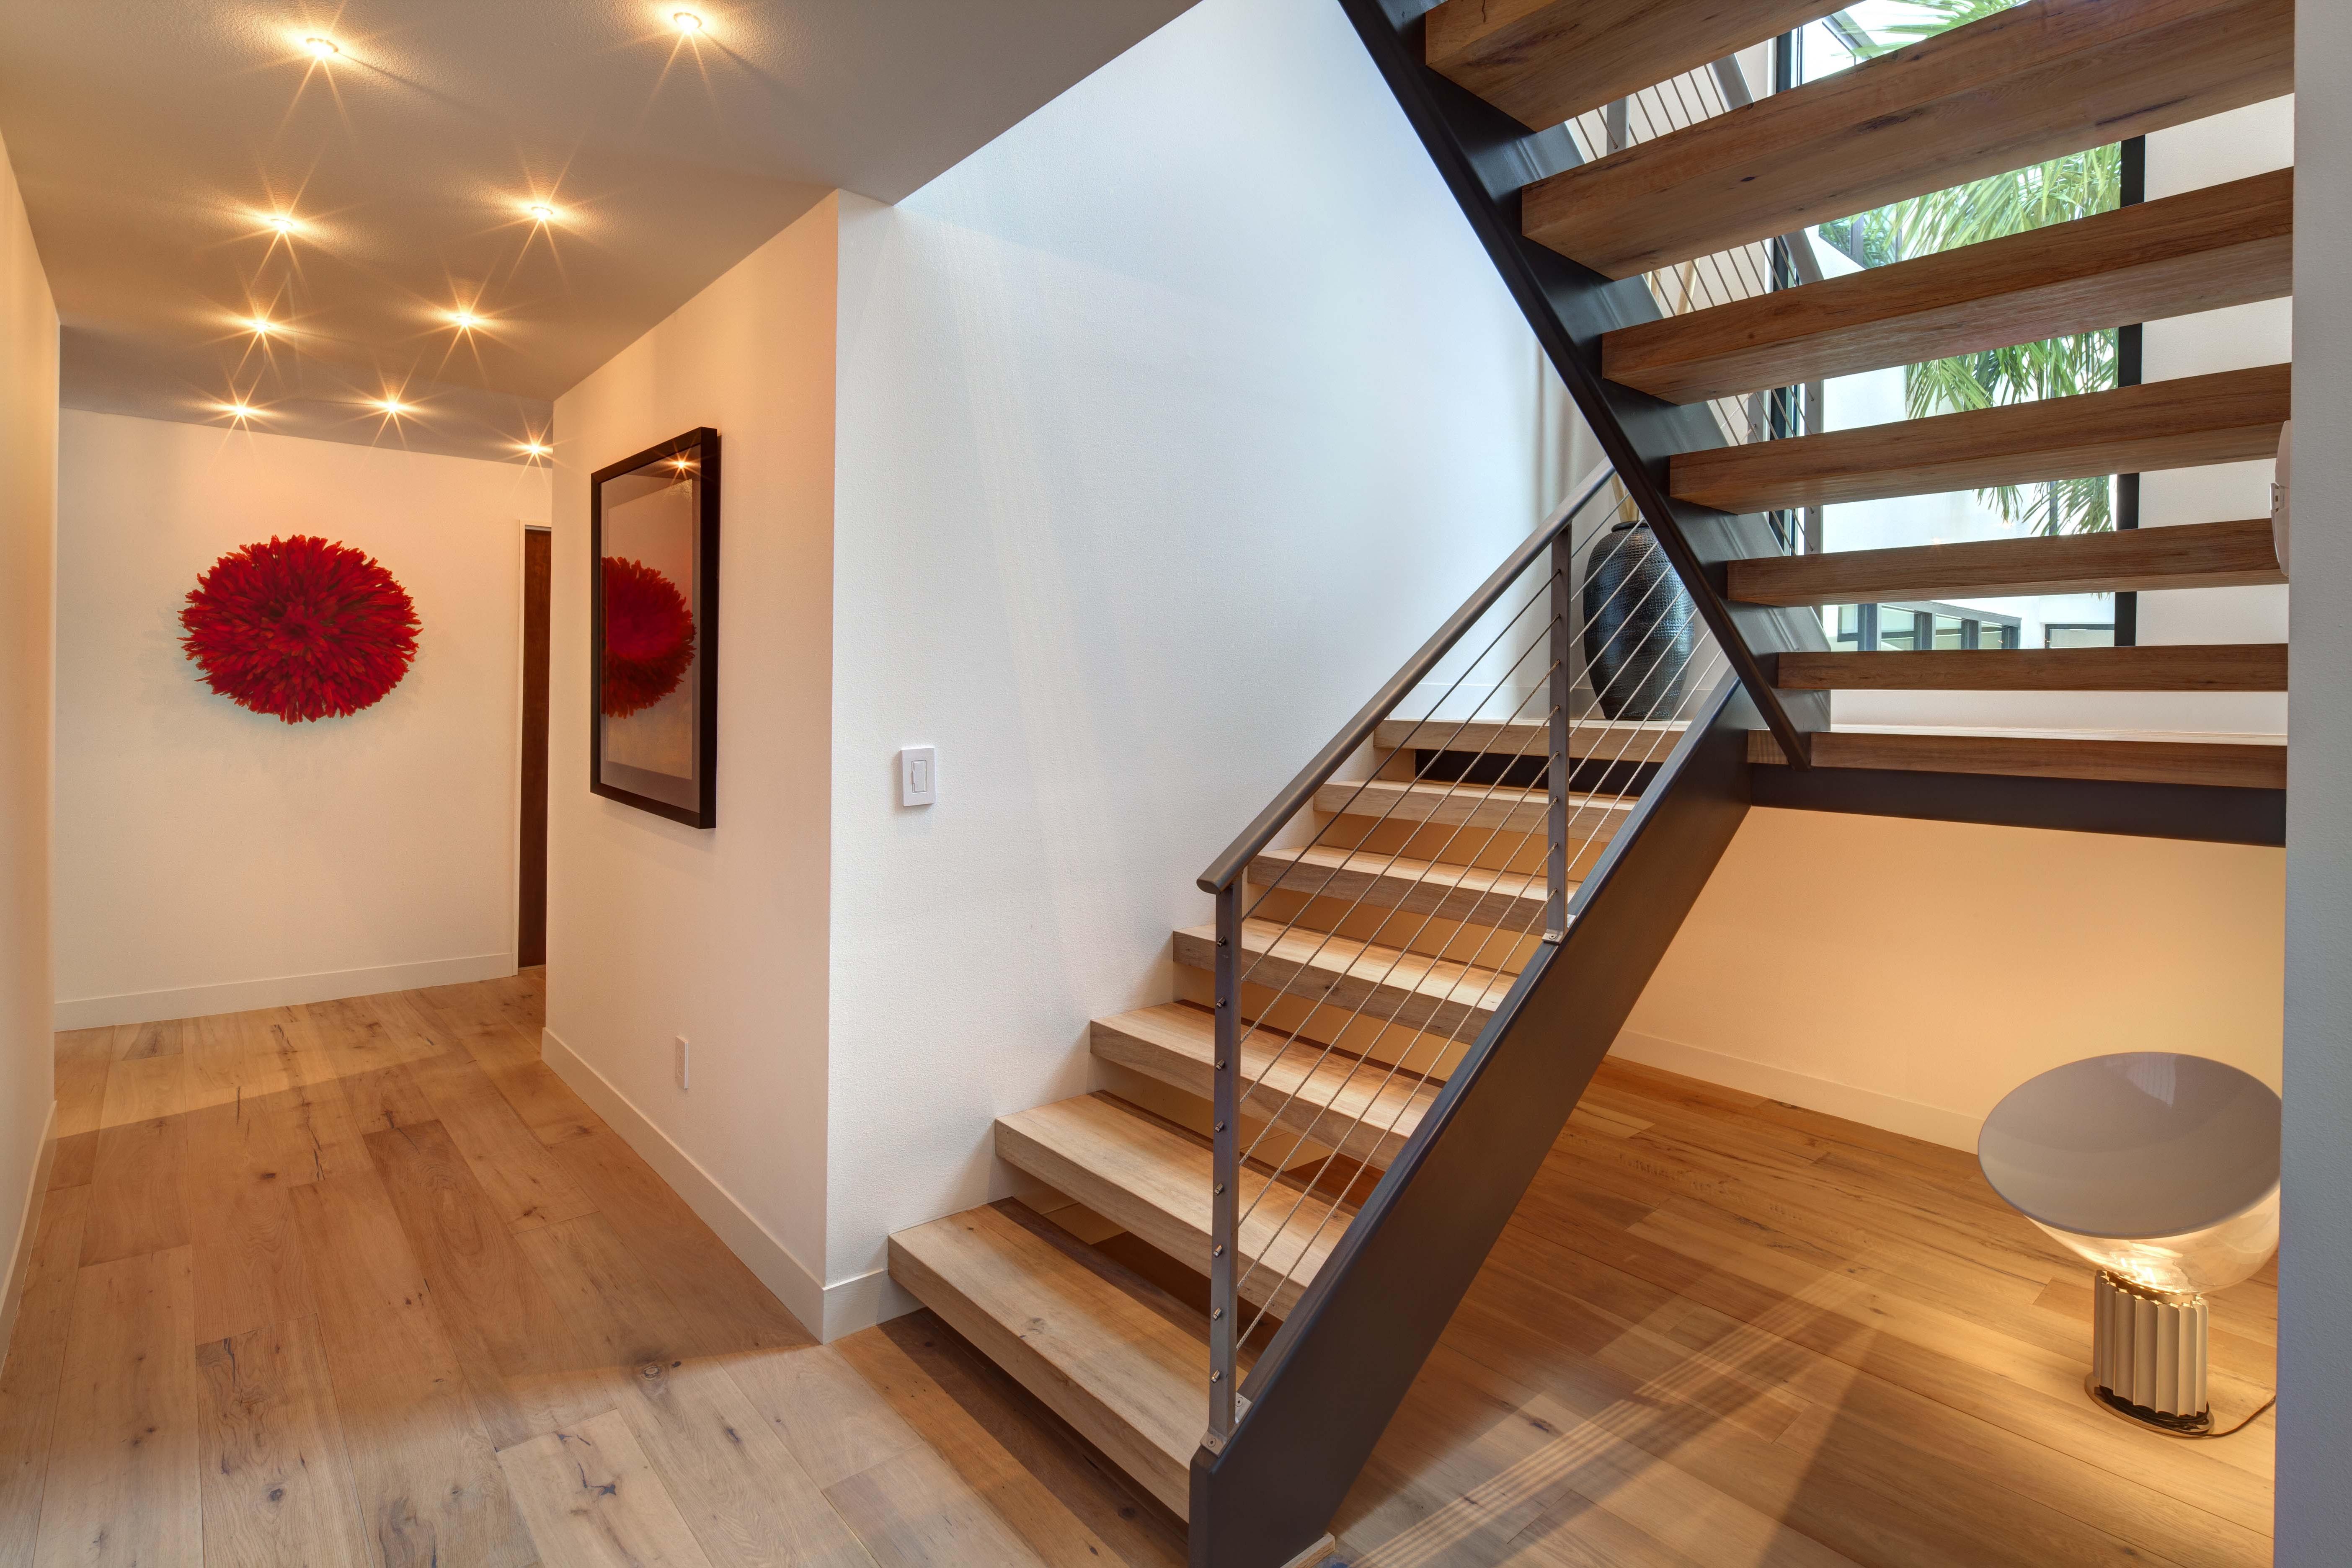 Minimalist Floating Wood Loft Stairs (Image 6 of 10)